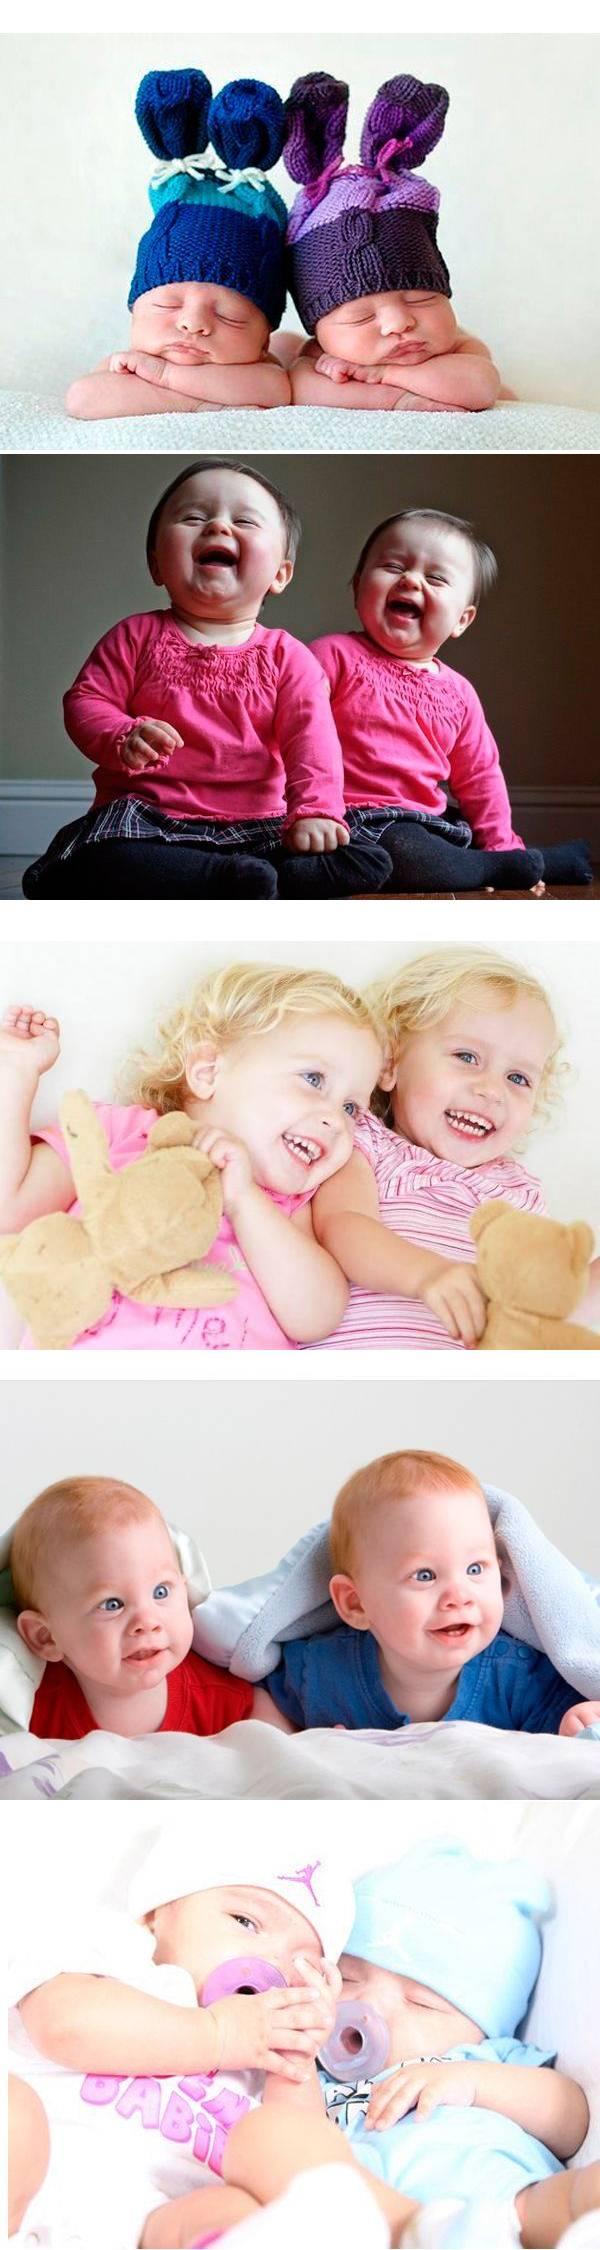 Забавные близнецы — 36 фото